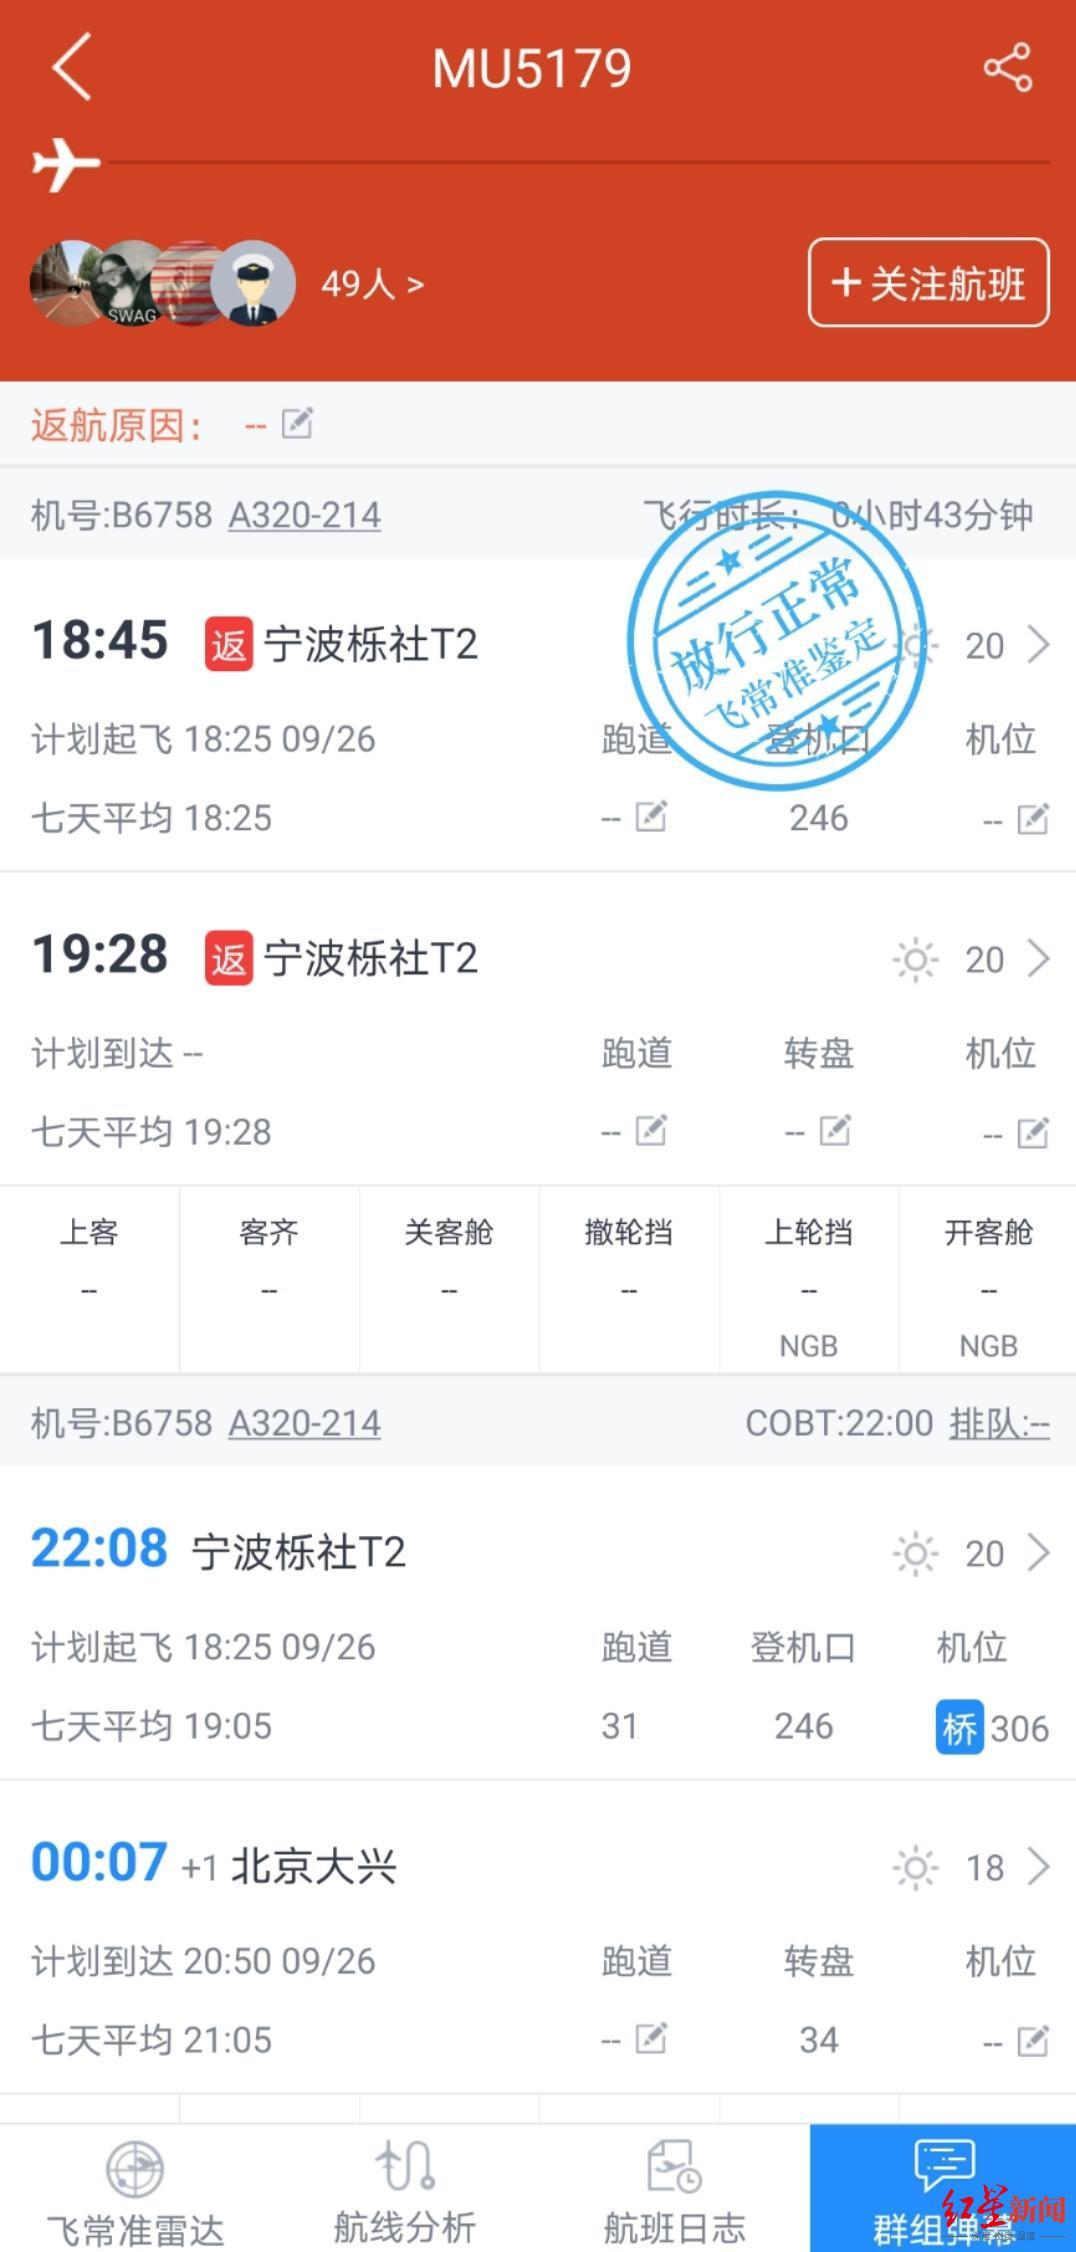 【西安正在播放国产少妇服务】_宁波飞北京一航班返航,客服称是因外部原因